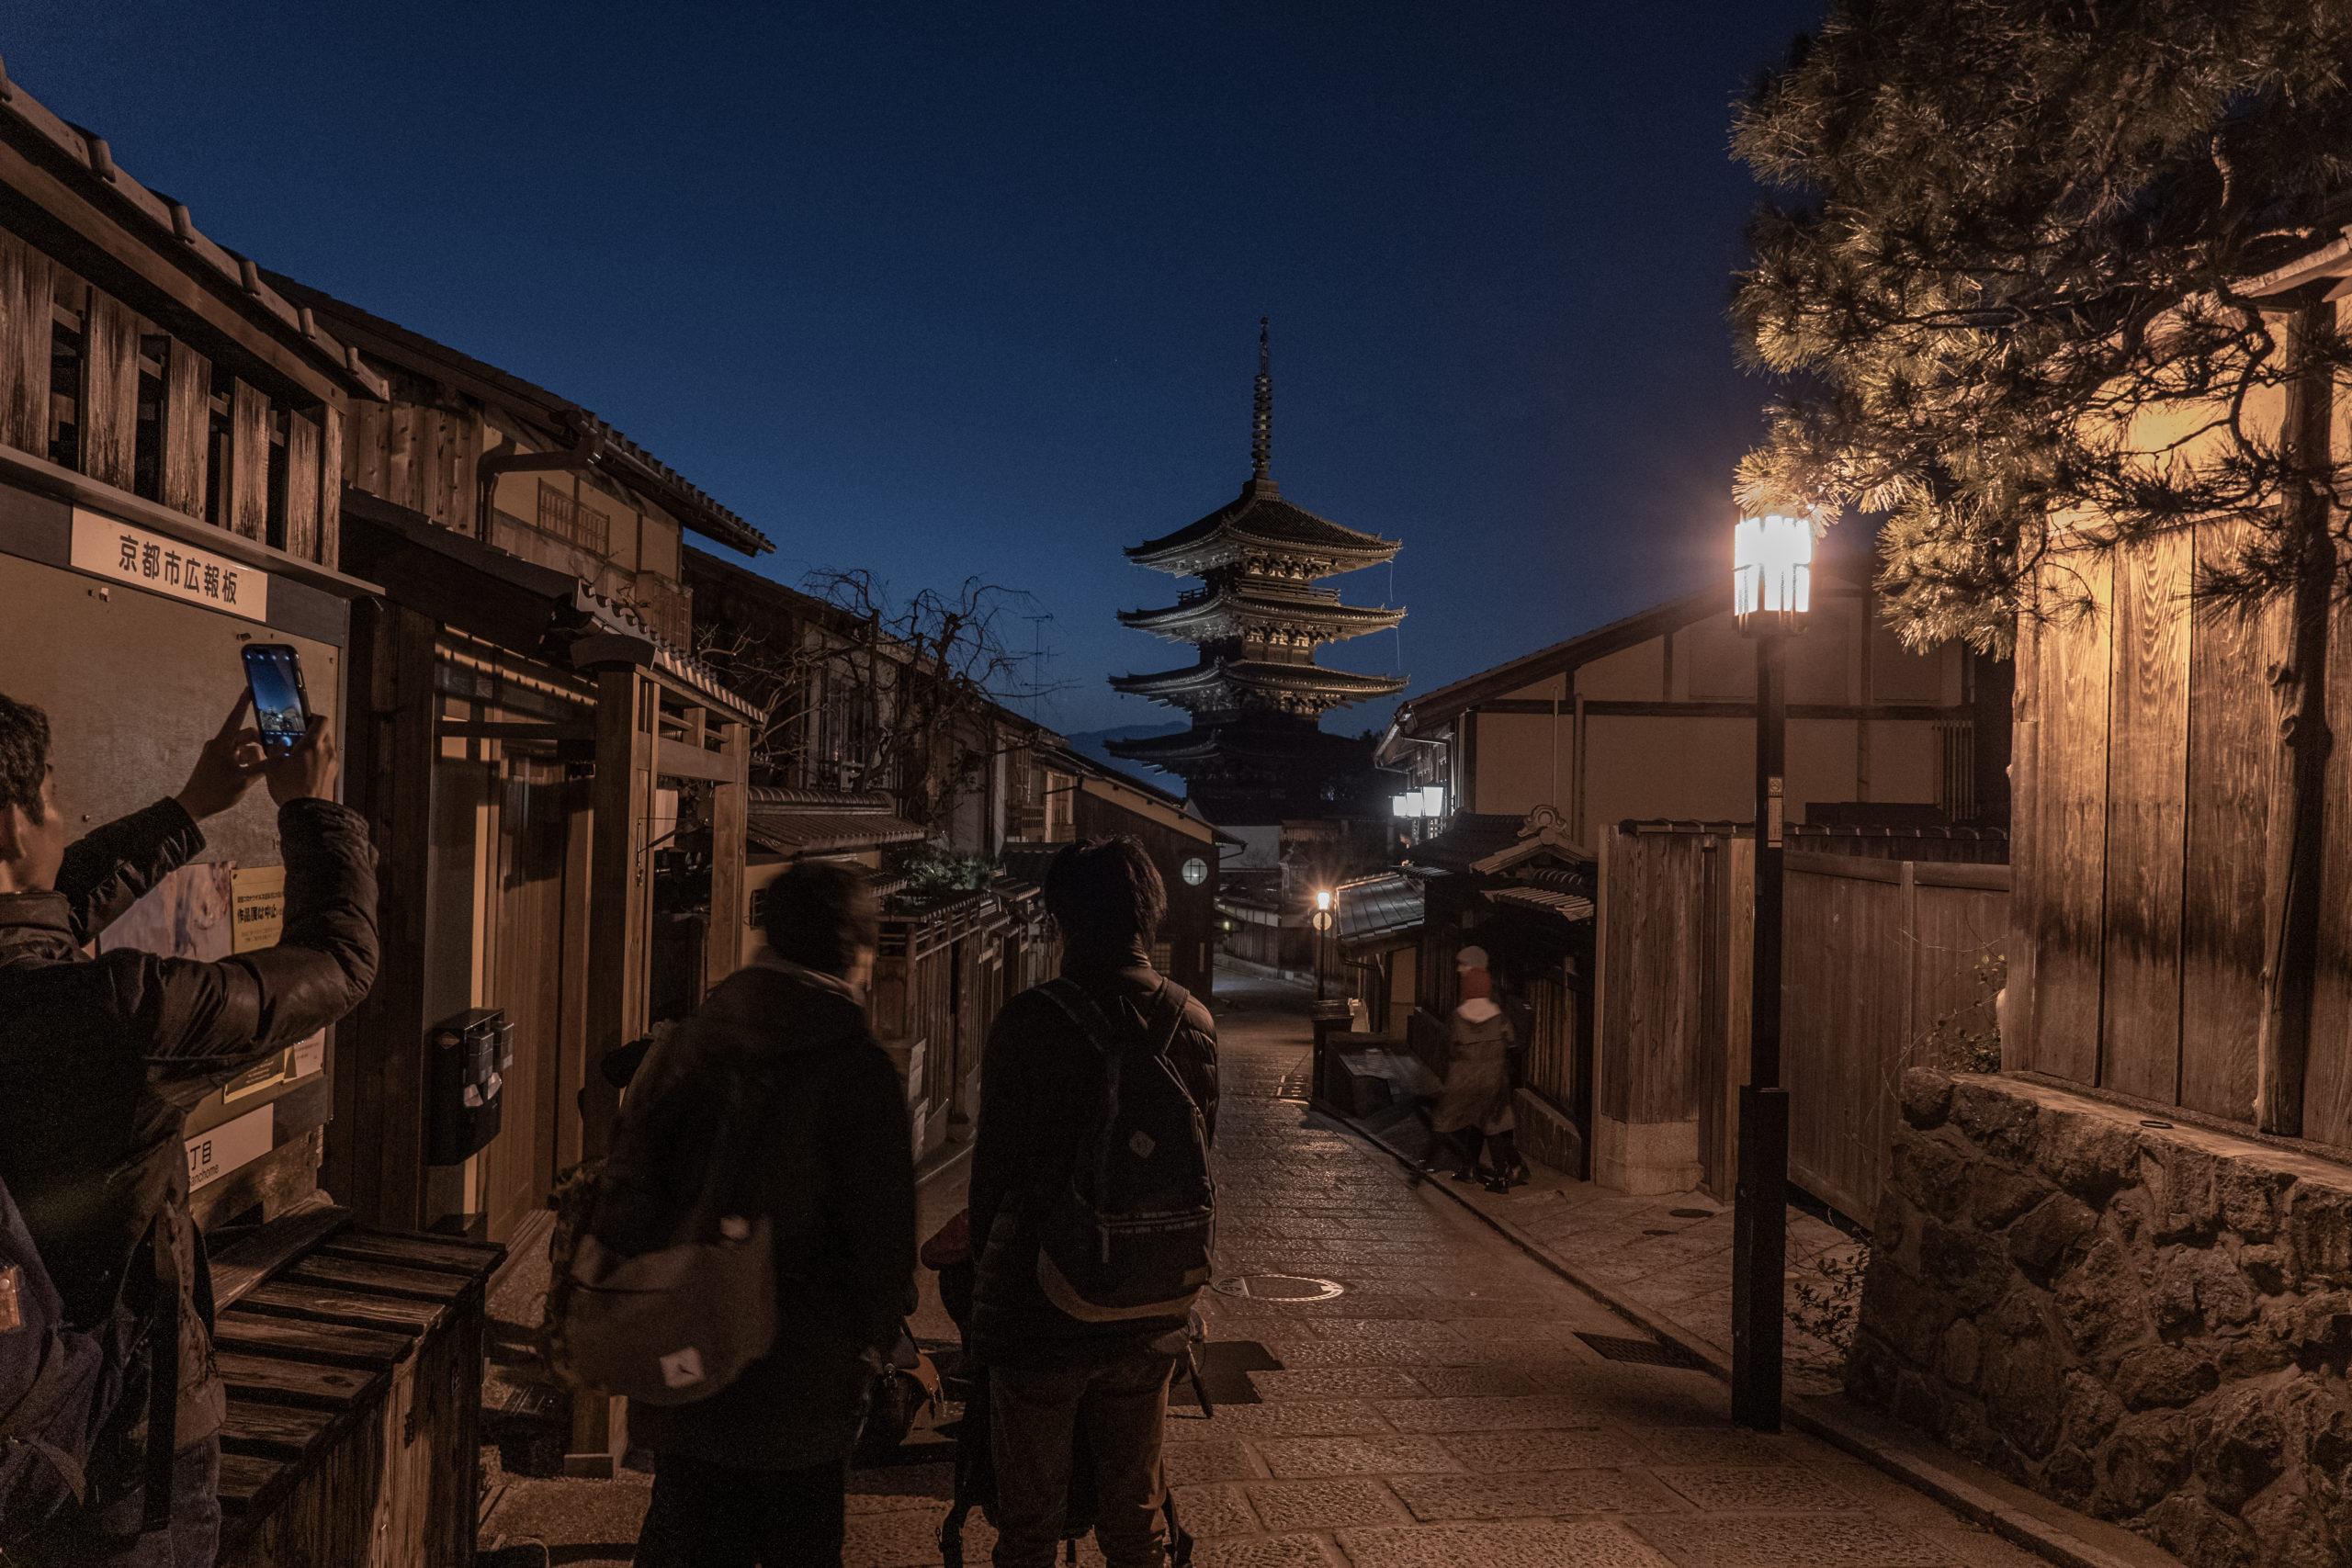 産寧坂から望む八坂の塔、撮影場所に到着